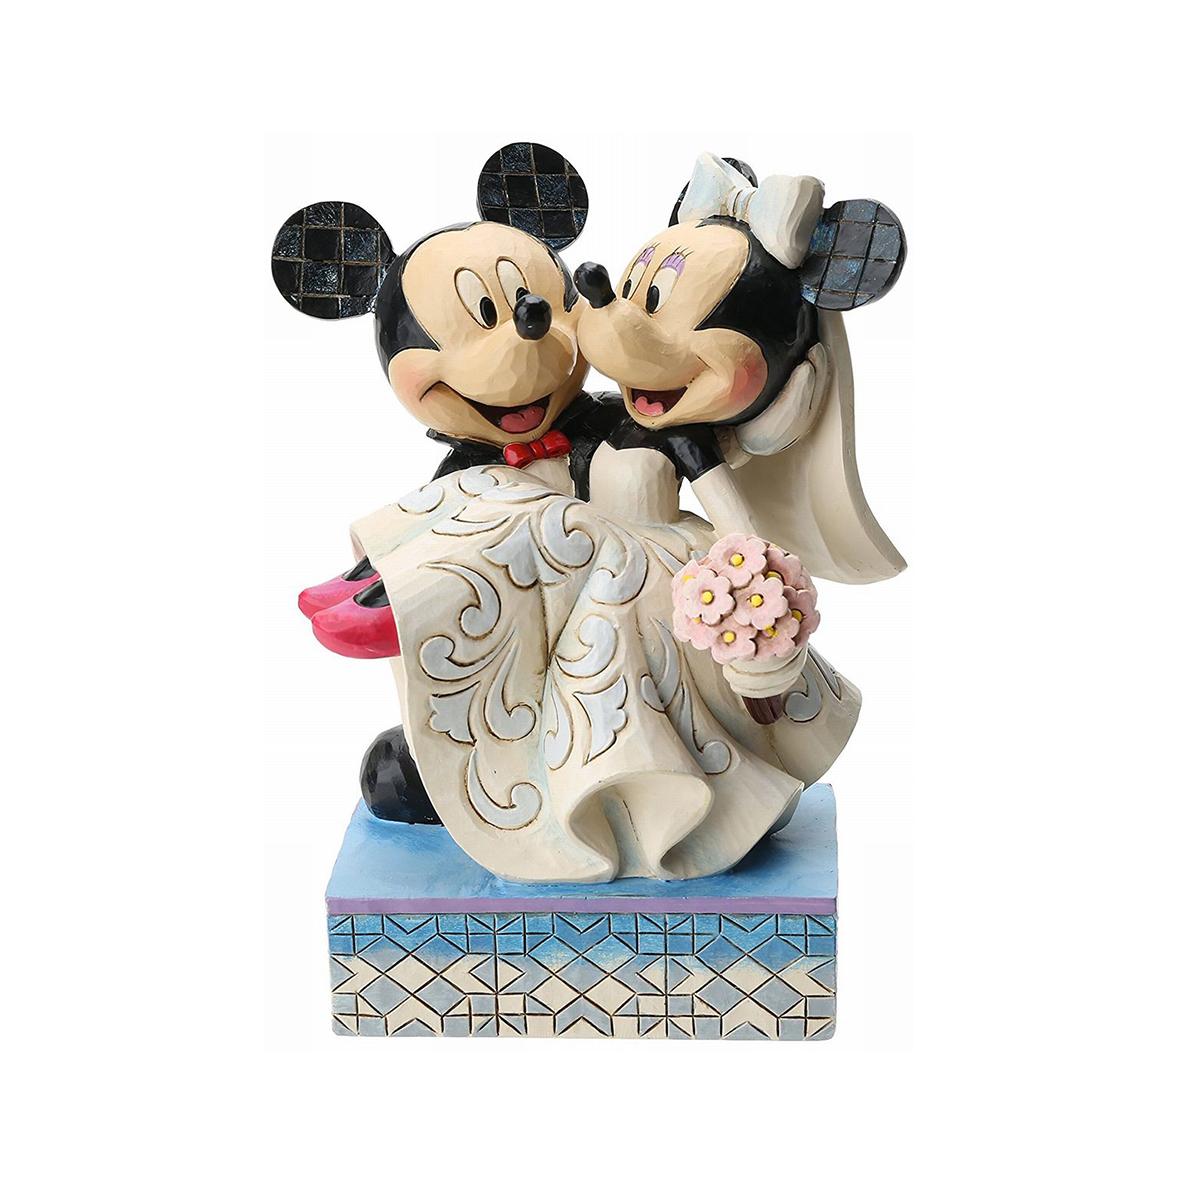 ミッキー ミニー 結婚式 フィギュア お姫様抱っこ ディズニー 人形 彫刻 ジムショア エネスコ 置物 陶器 インテリア